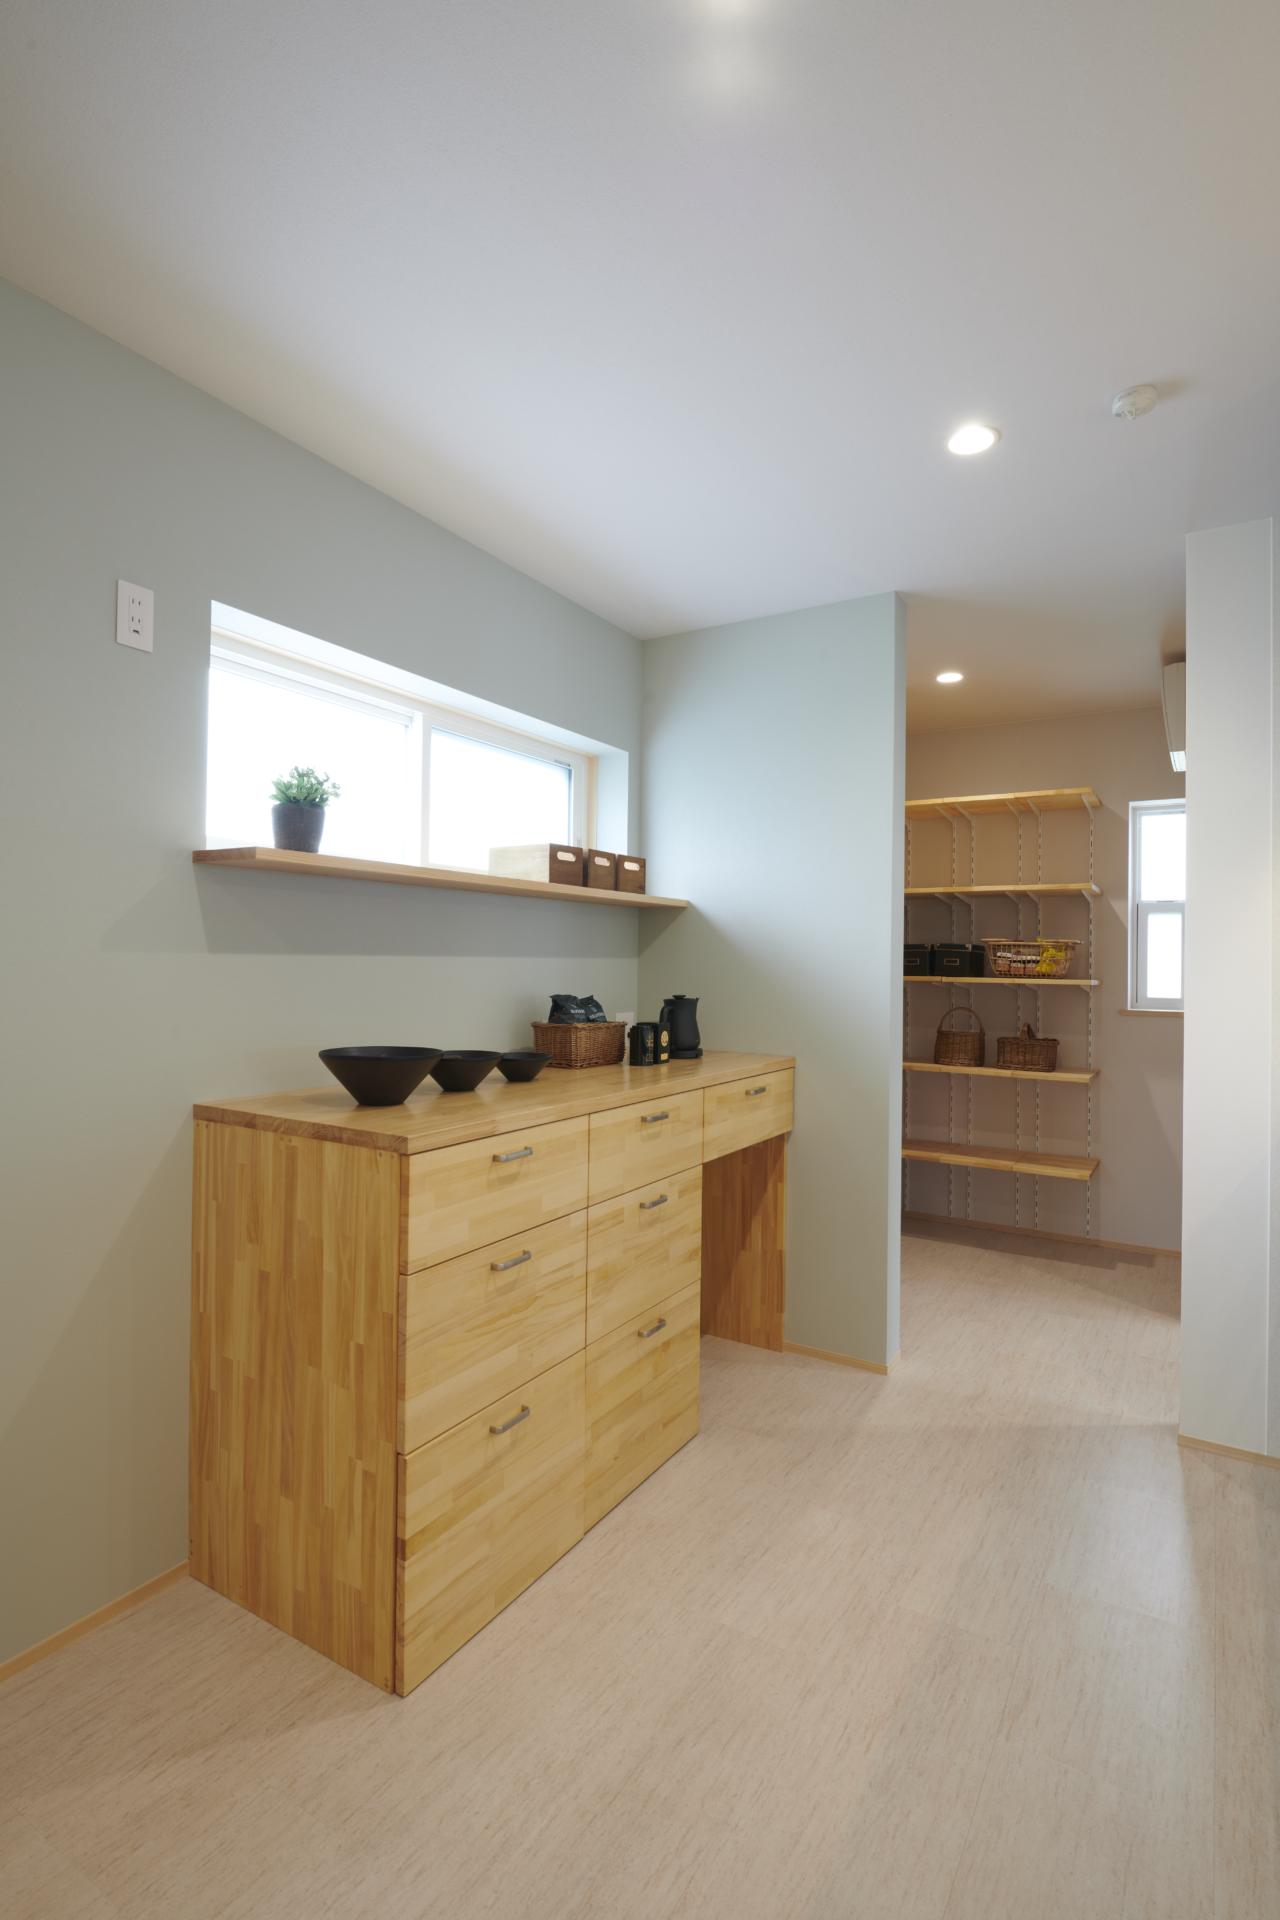 シンプルな木製の棚の上にある器とお茶のセット